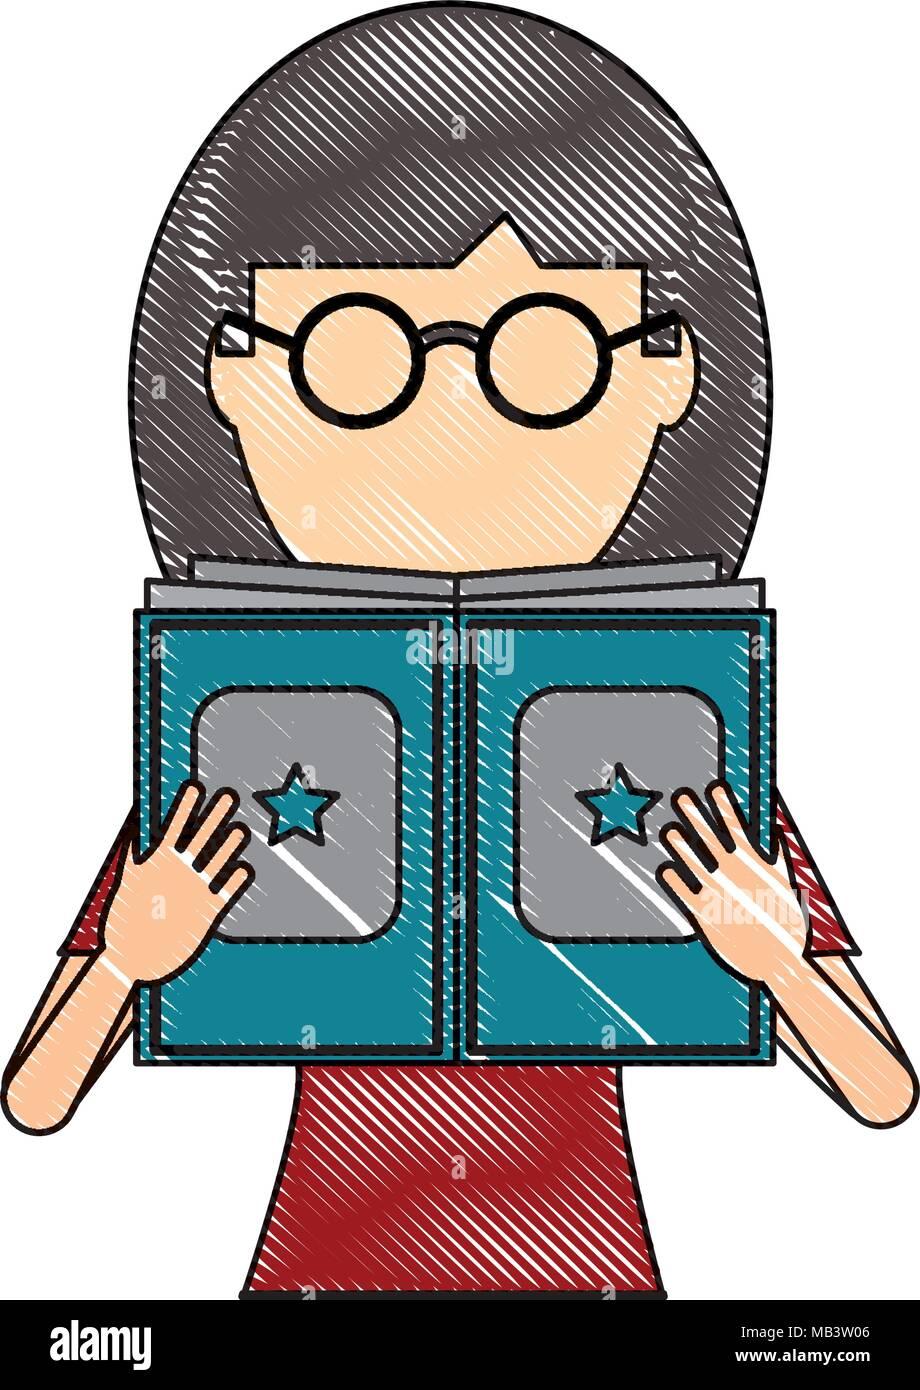 Avatar Femme Avec Des Lunettes Pour Lire Un Livre Sur Fond